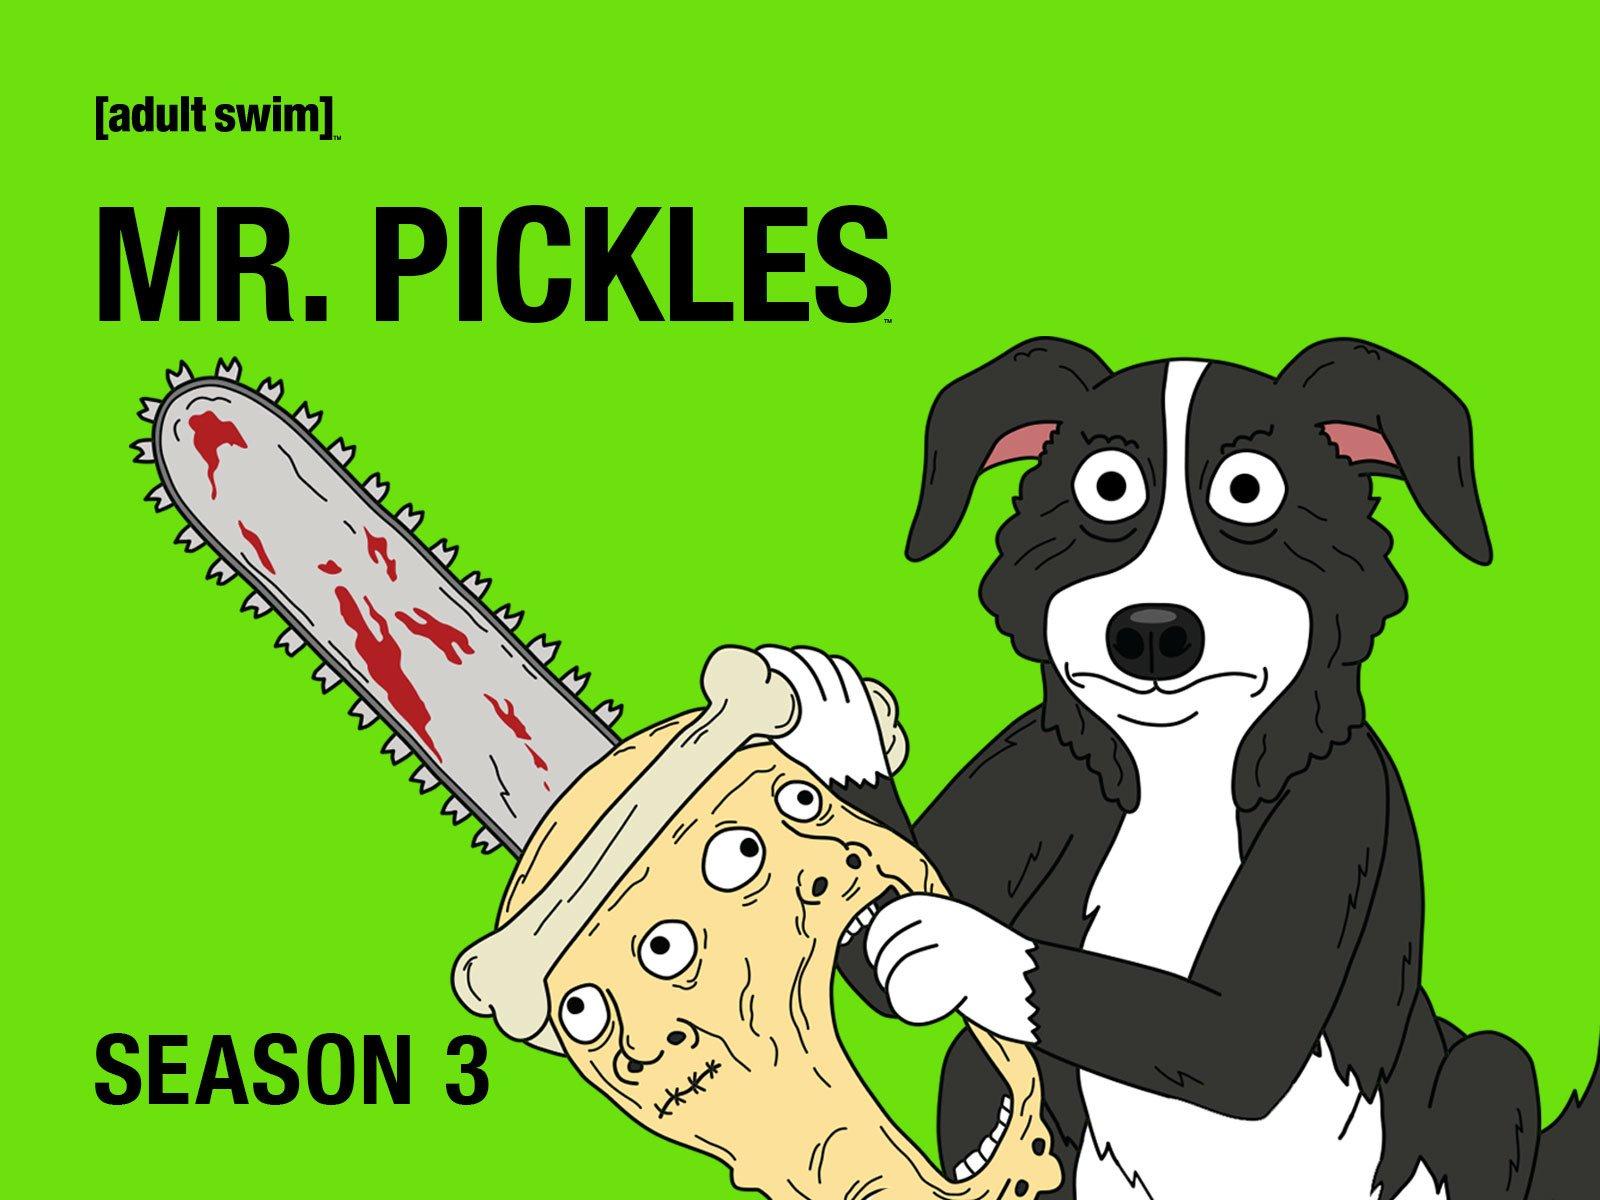 mr pickles season 3 finale watch online